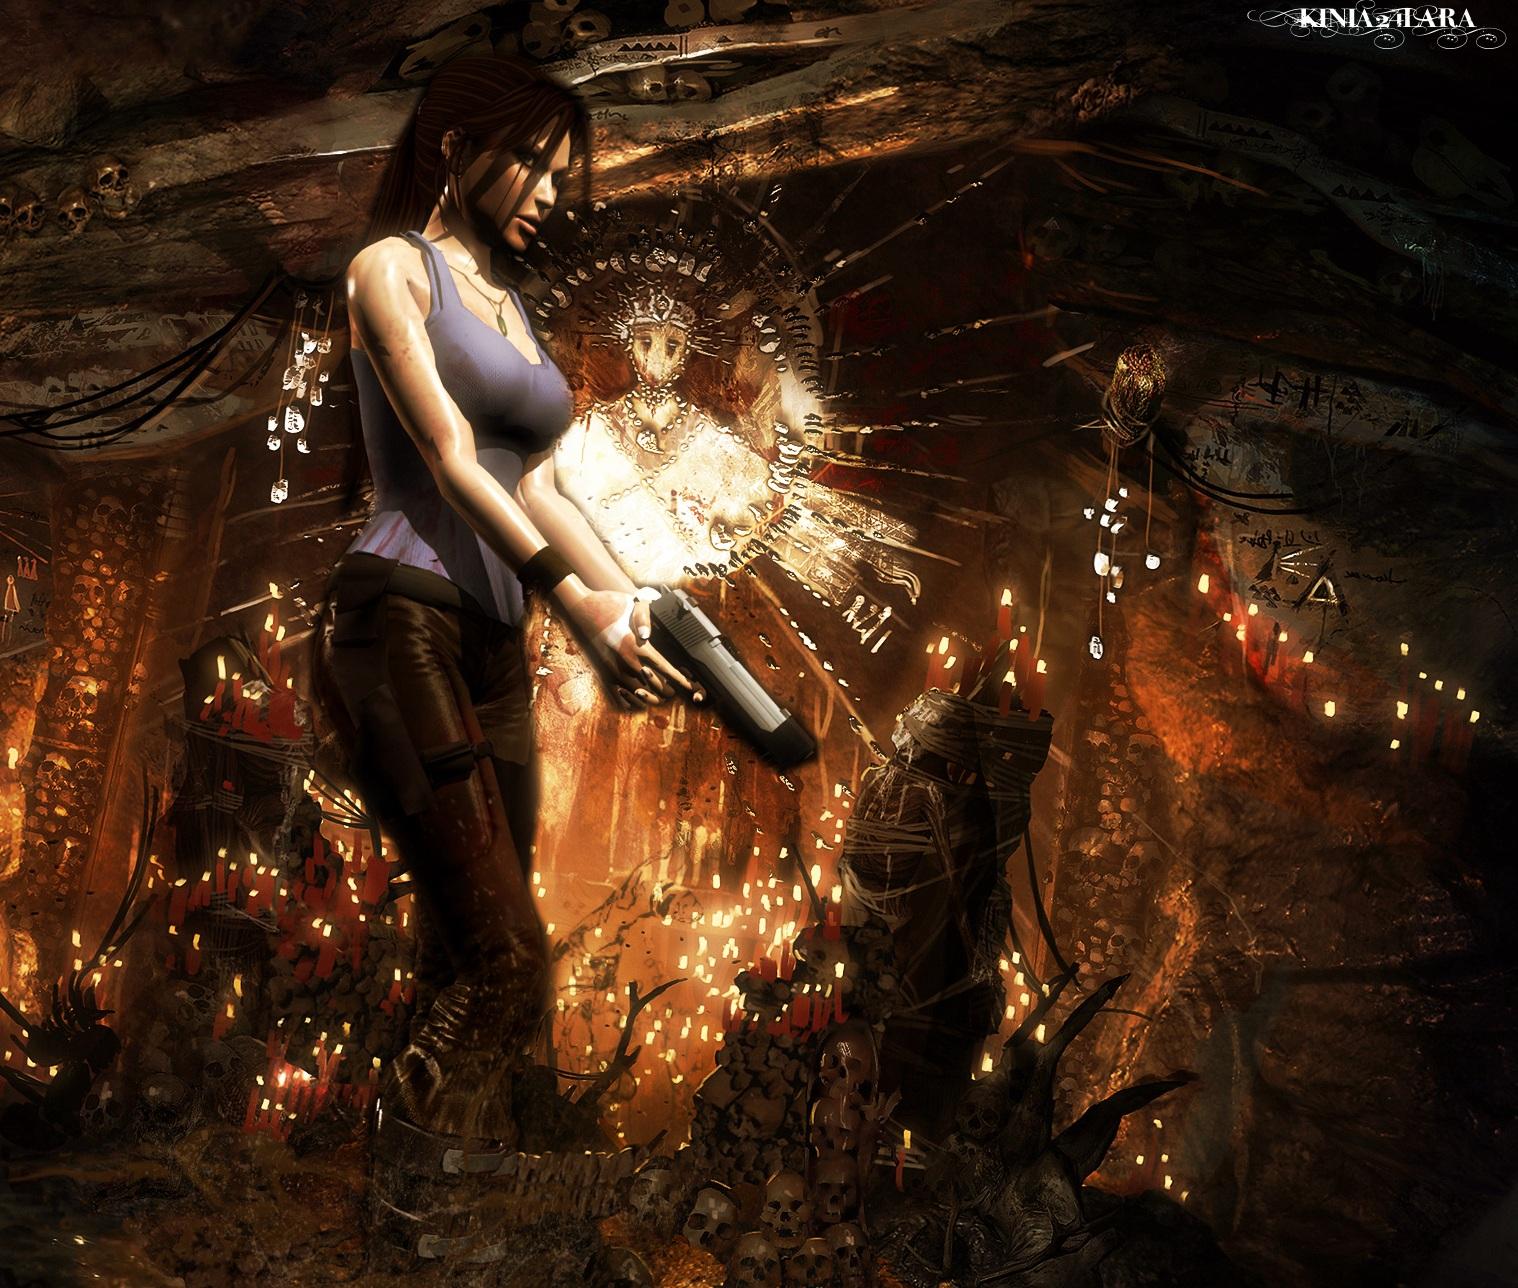 Tomb Raider Underworld Wallpaper: Tomb Raider 9 Render... By Kinia24Lara On DeviantArt